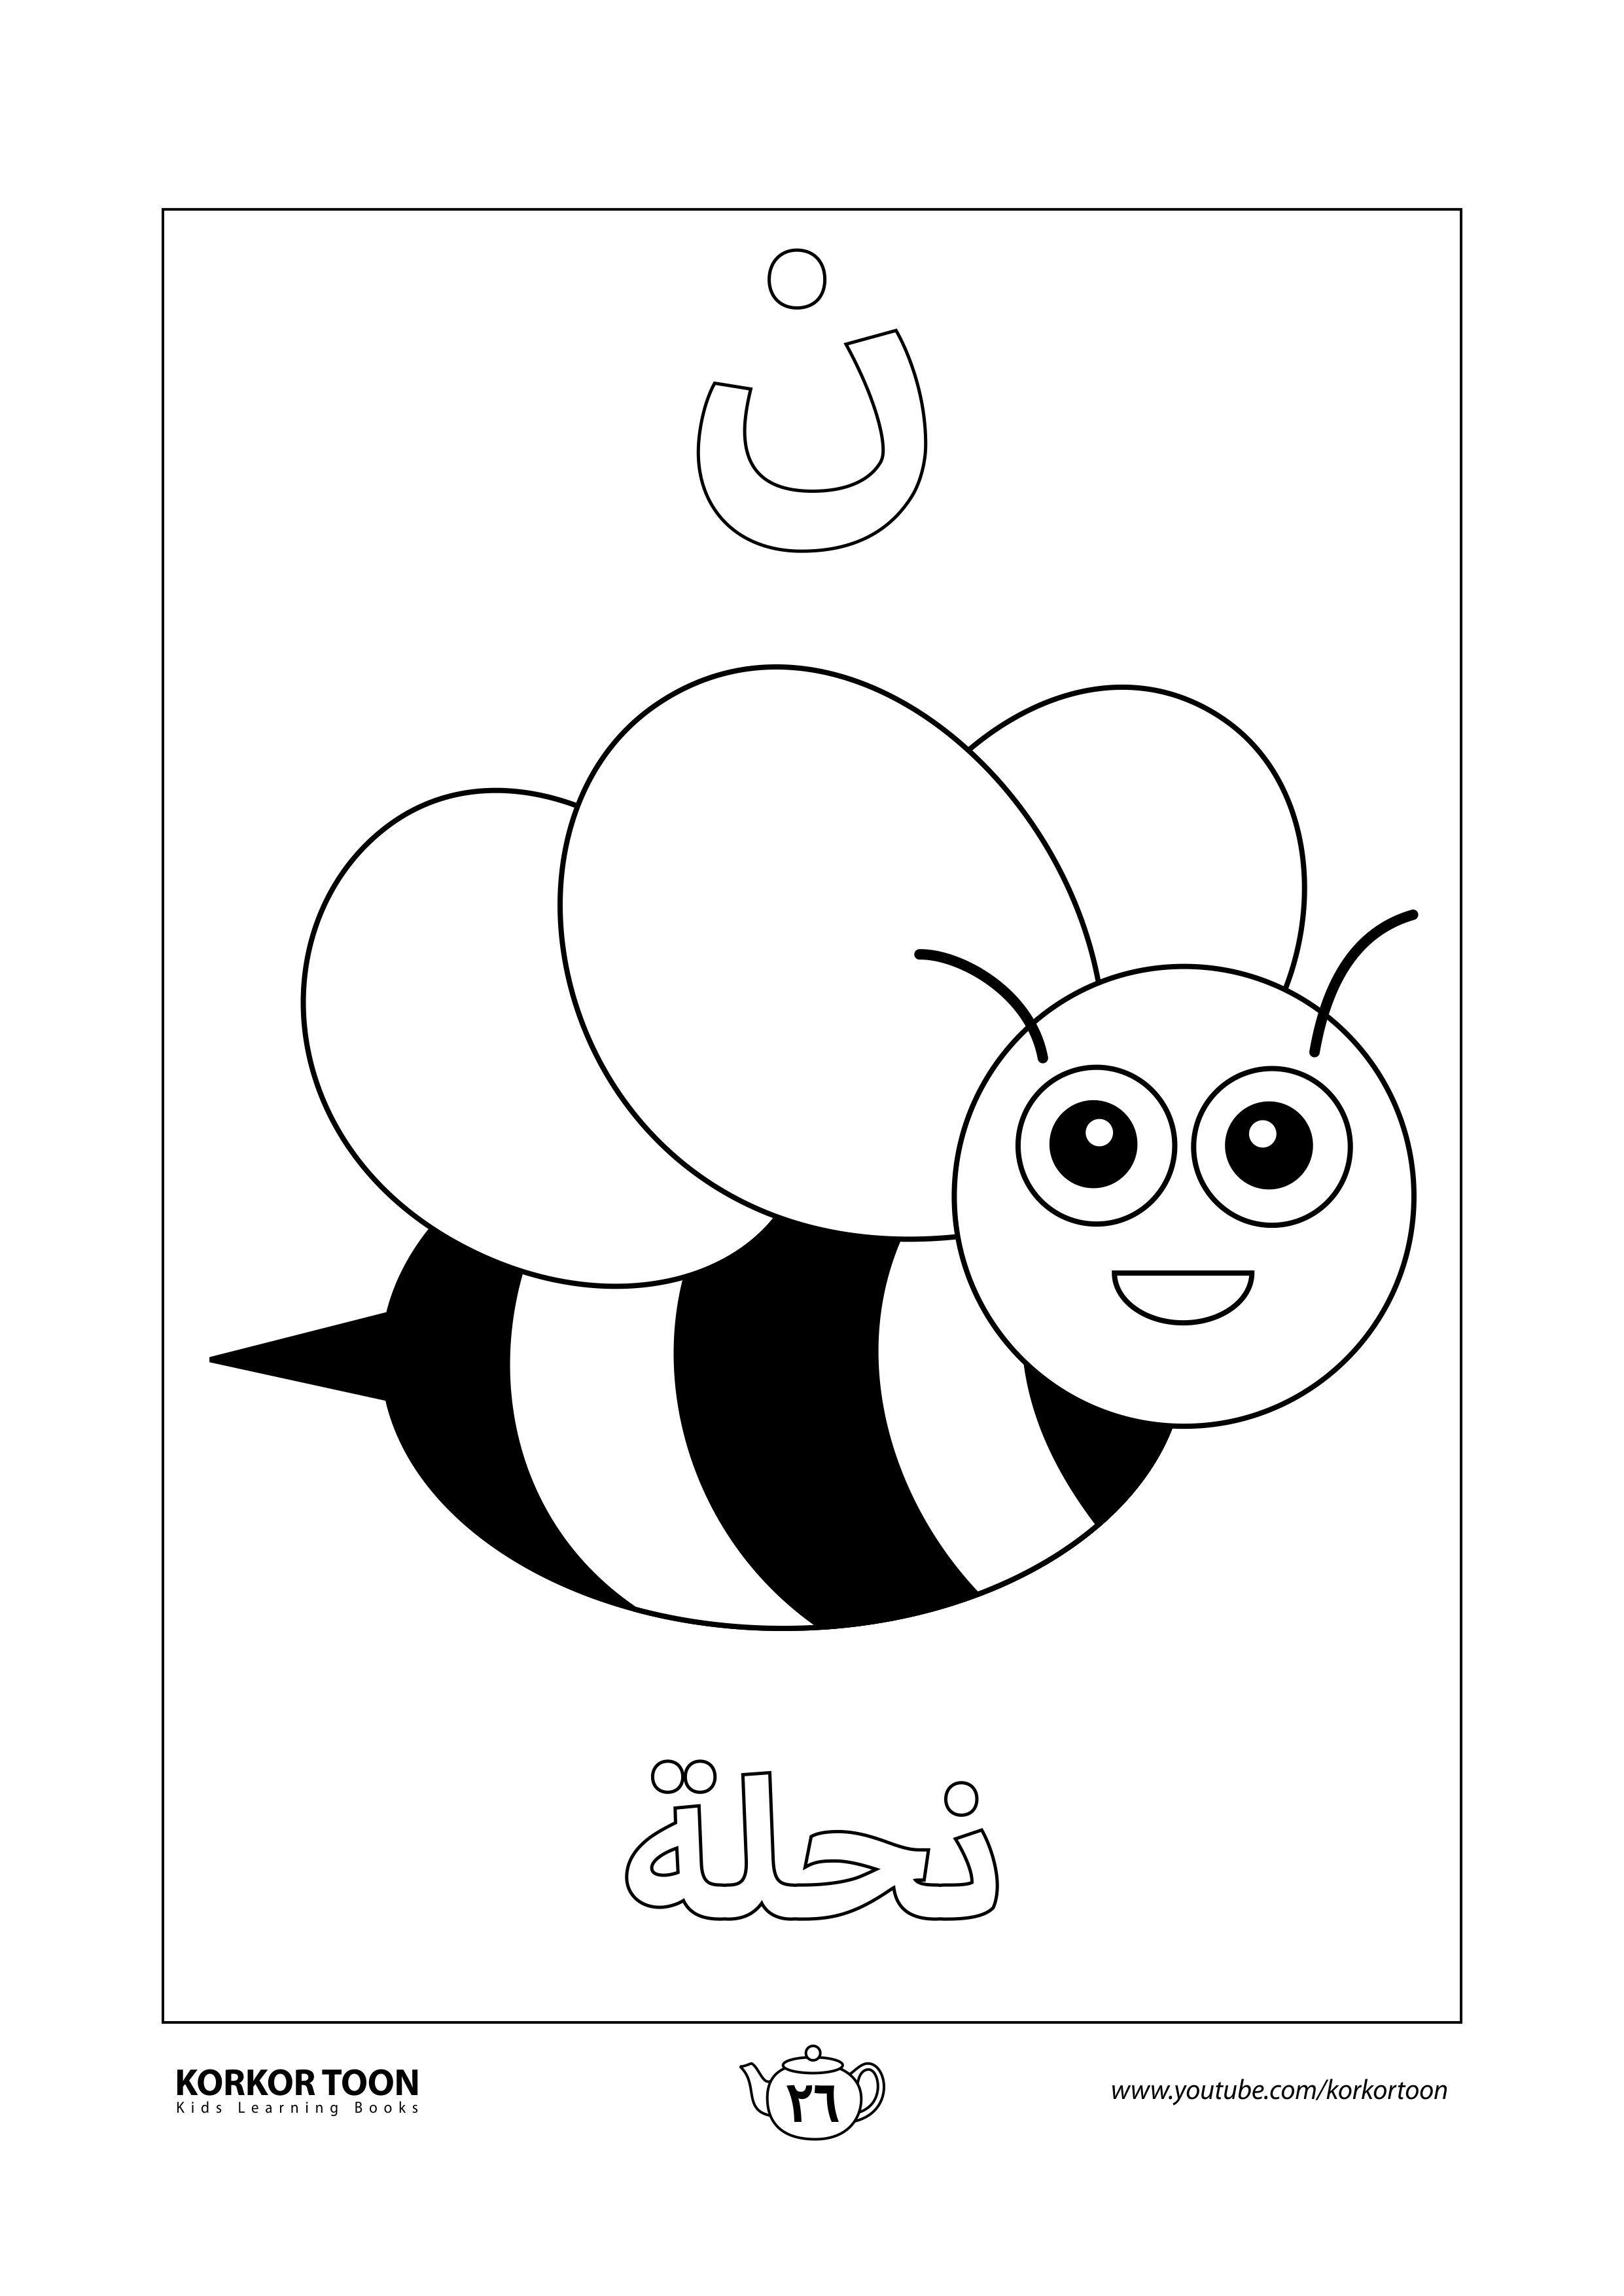 صفحة تلوين حرف النون كتاب تلوين الحروف العربية للأطفال Elevation Drawing Drawings Learning Arabic